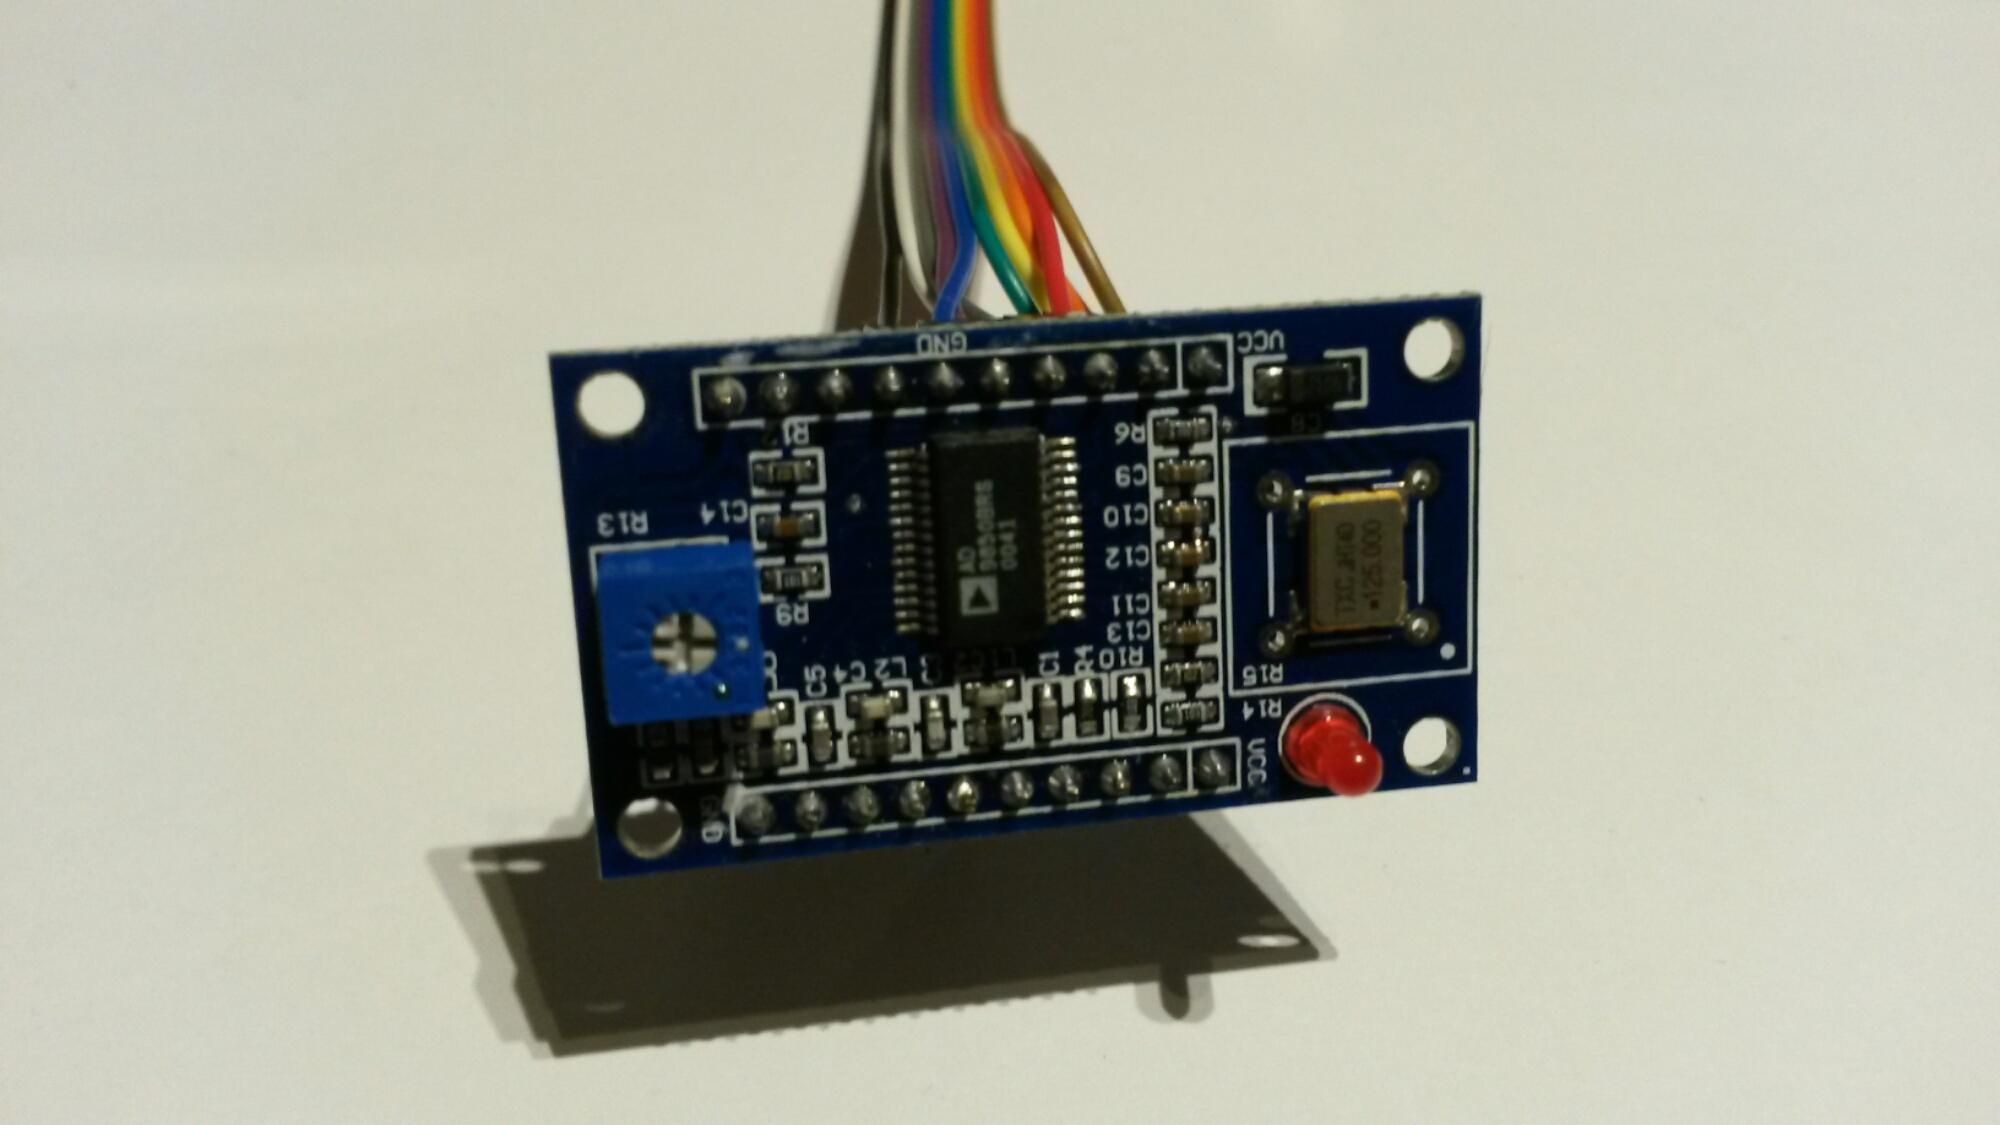 Testing an AD9850 DDS module |